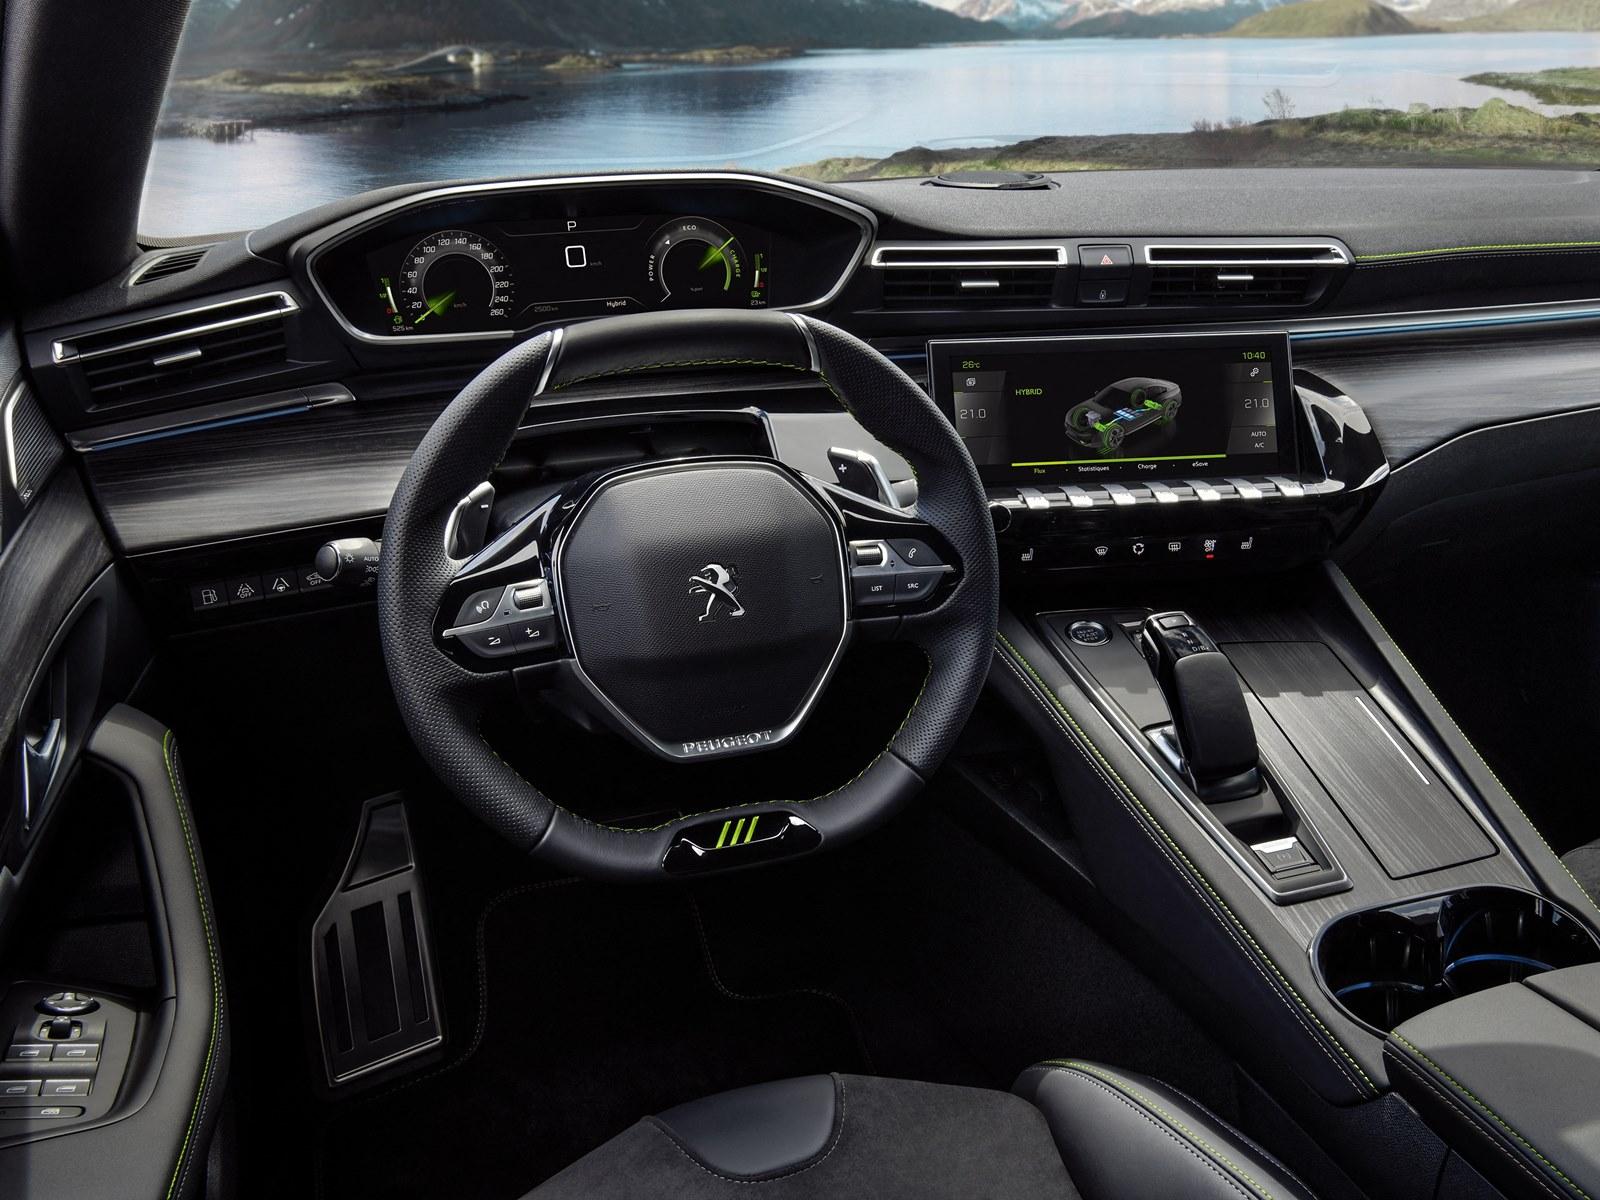 Nuevo Peugeot 508 Pse (2)